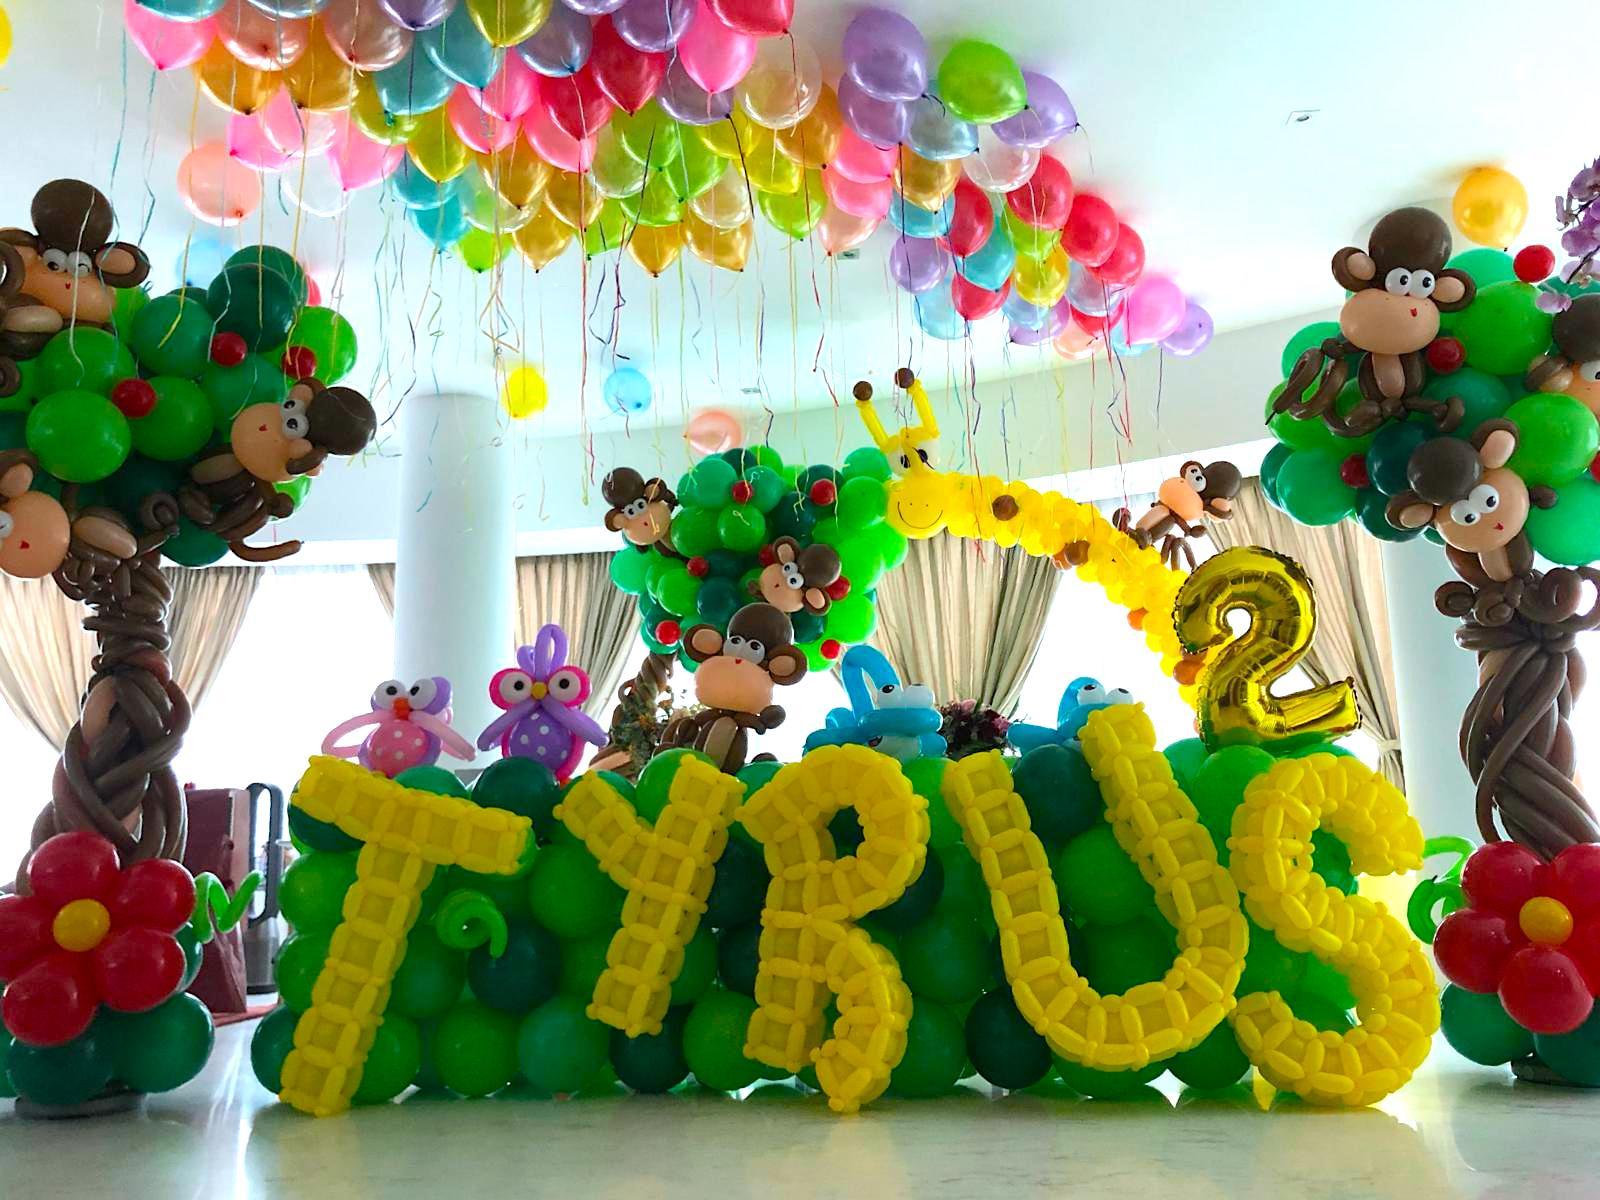 Balloon Decoration That Balloons